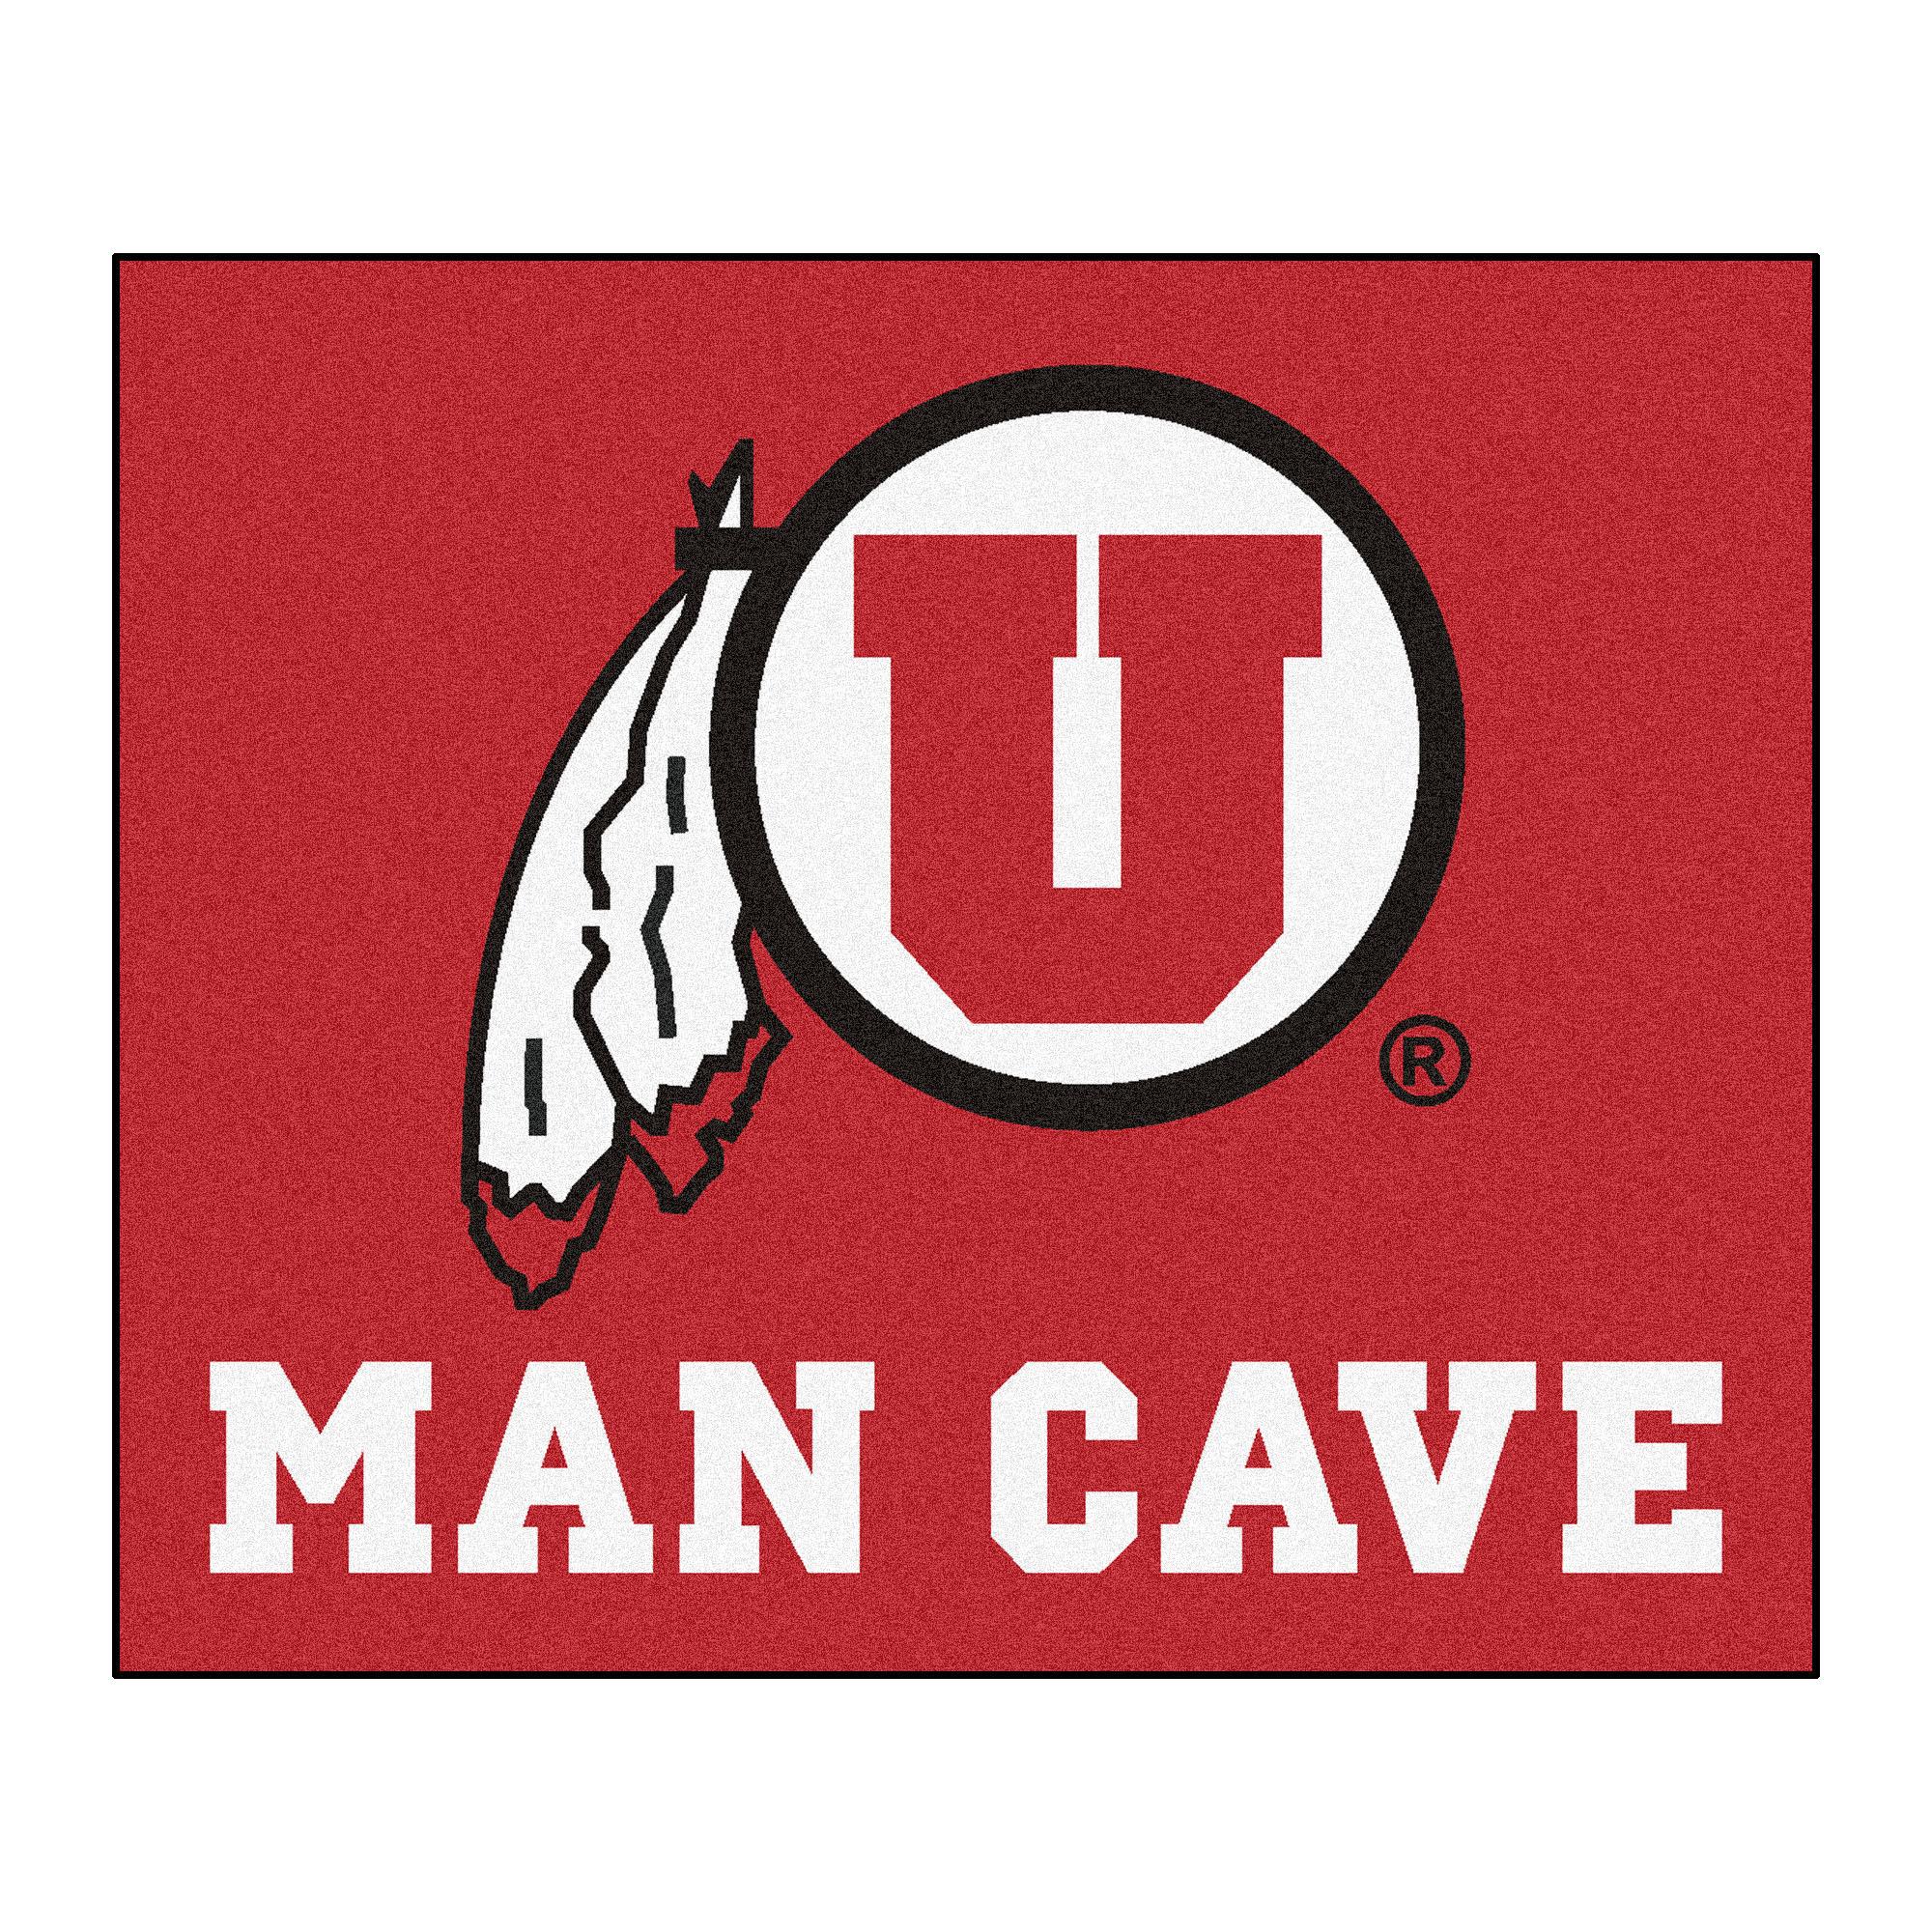 Utah Man Cave Tailgater Rug 5'x6'